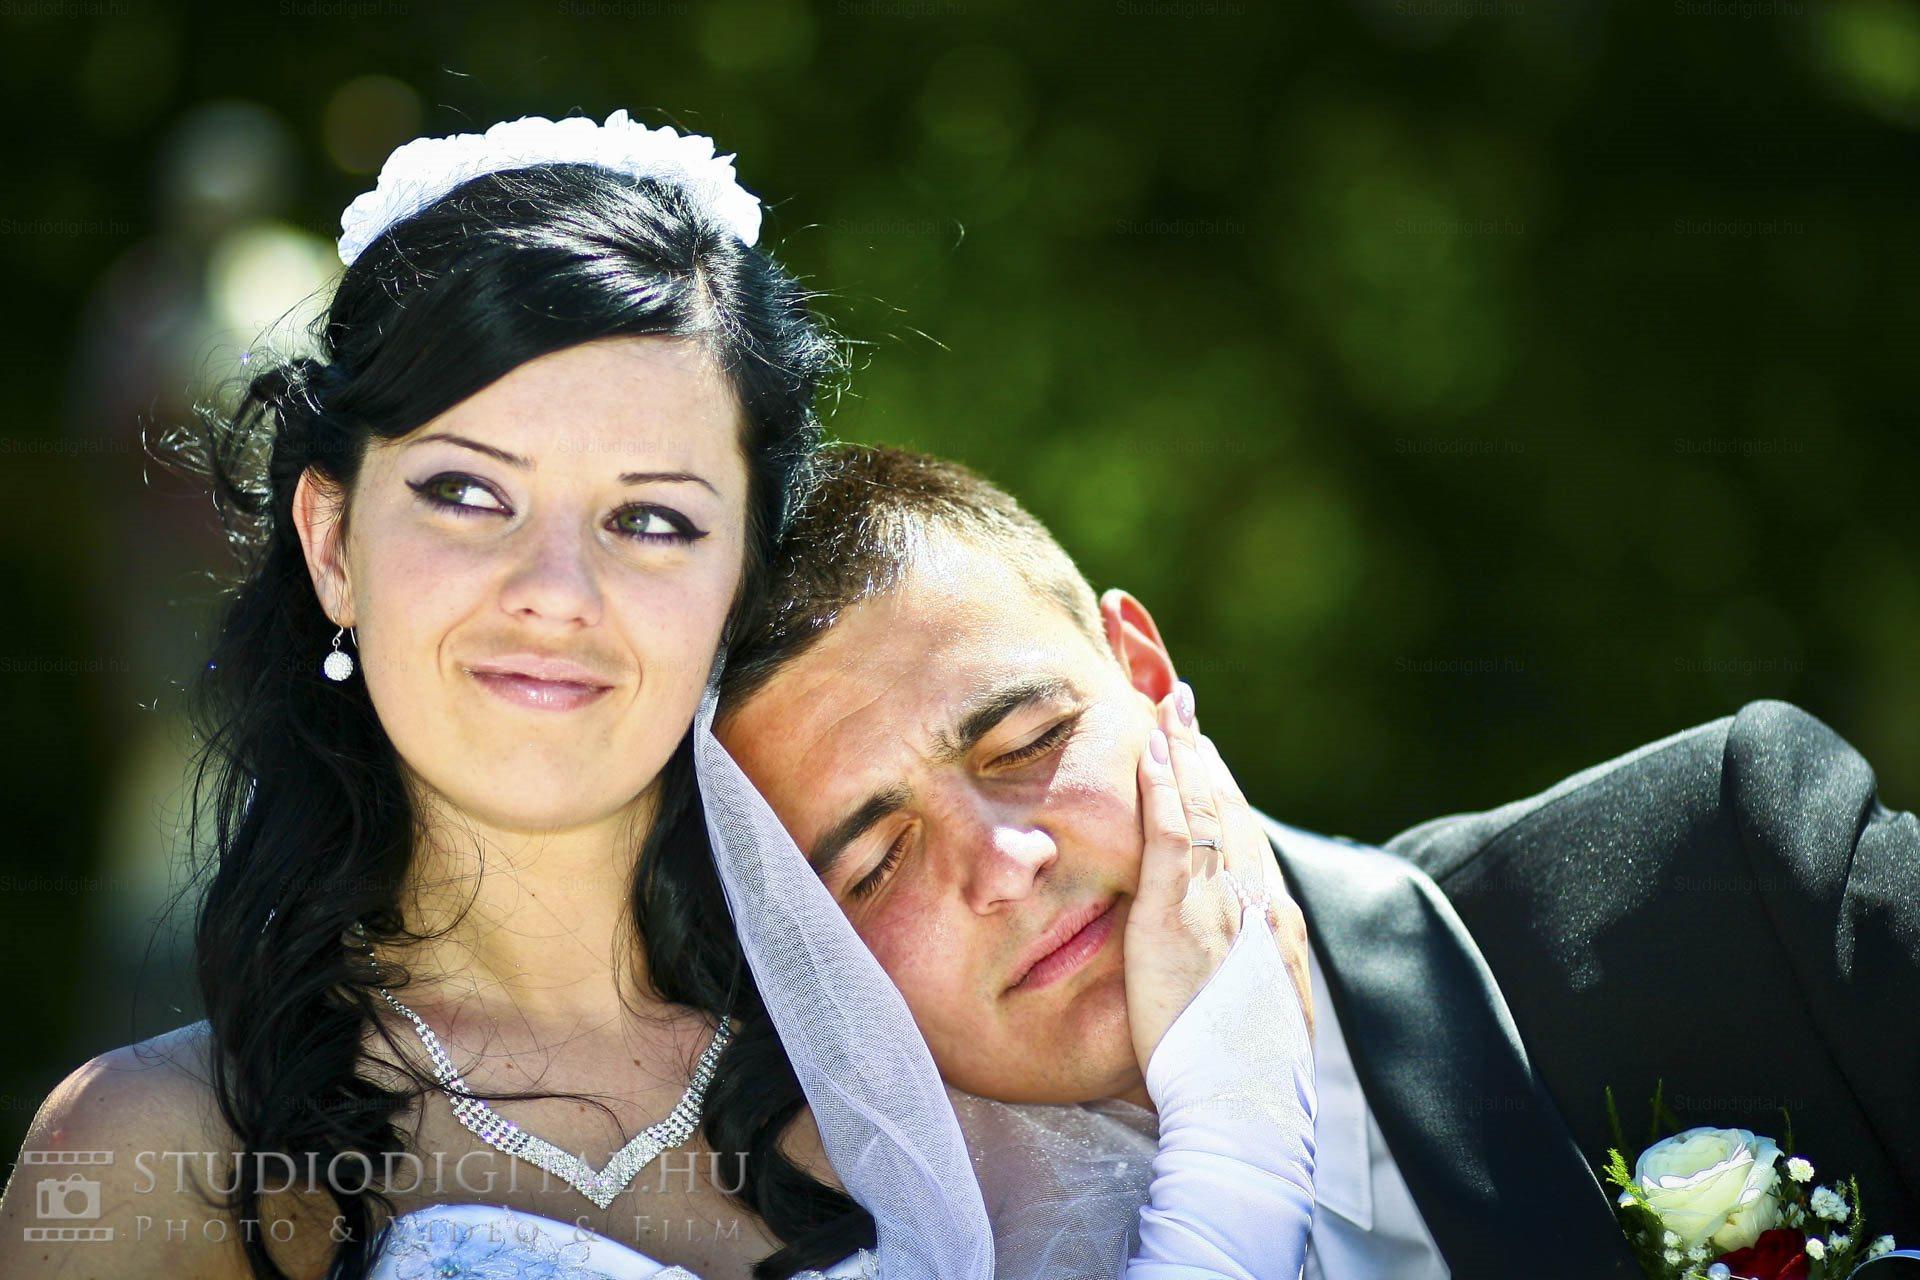 Kreatív-esküvői-fotó-169